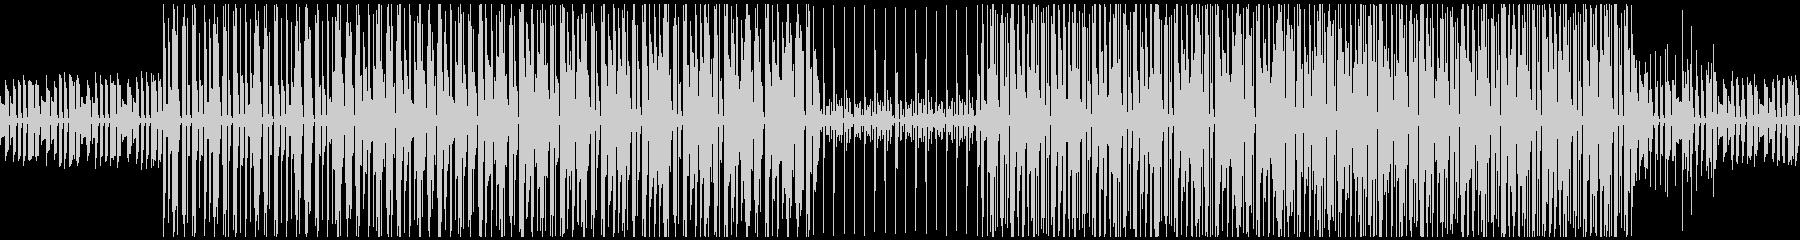 ピアノのシンプルなボサノバBGMの未再生の波形